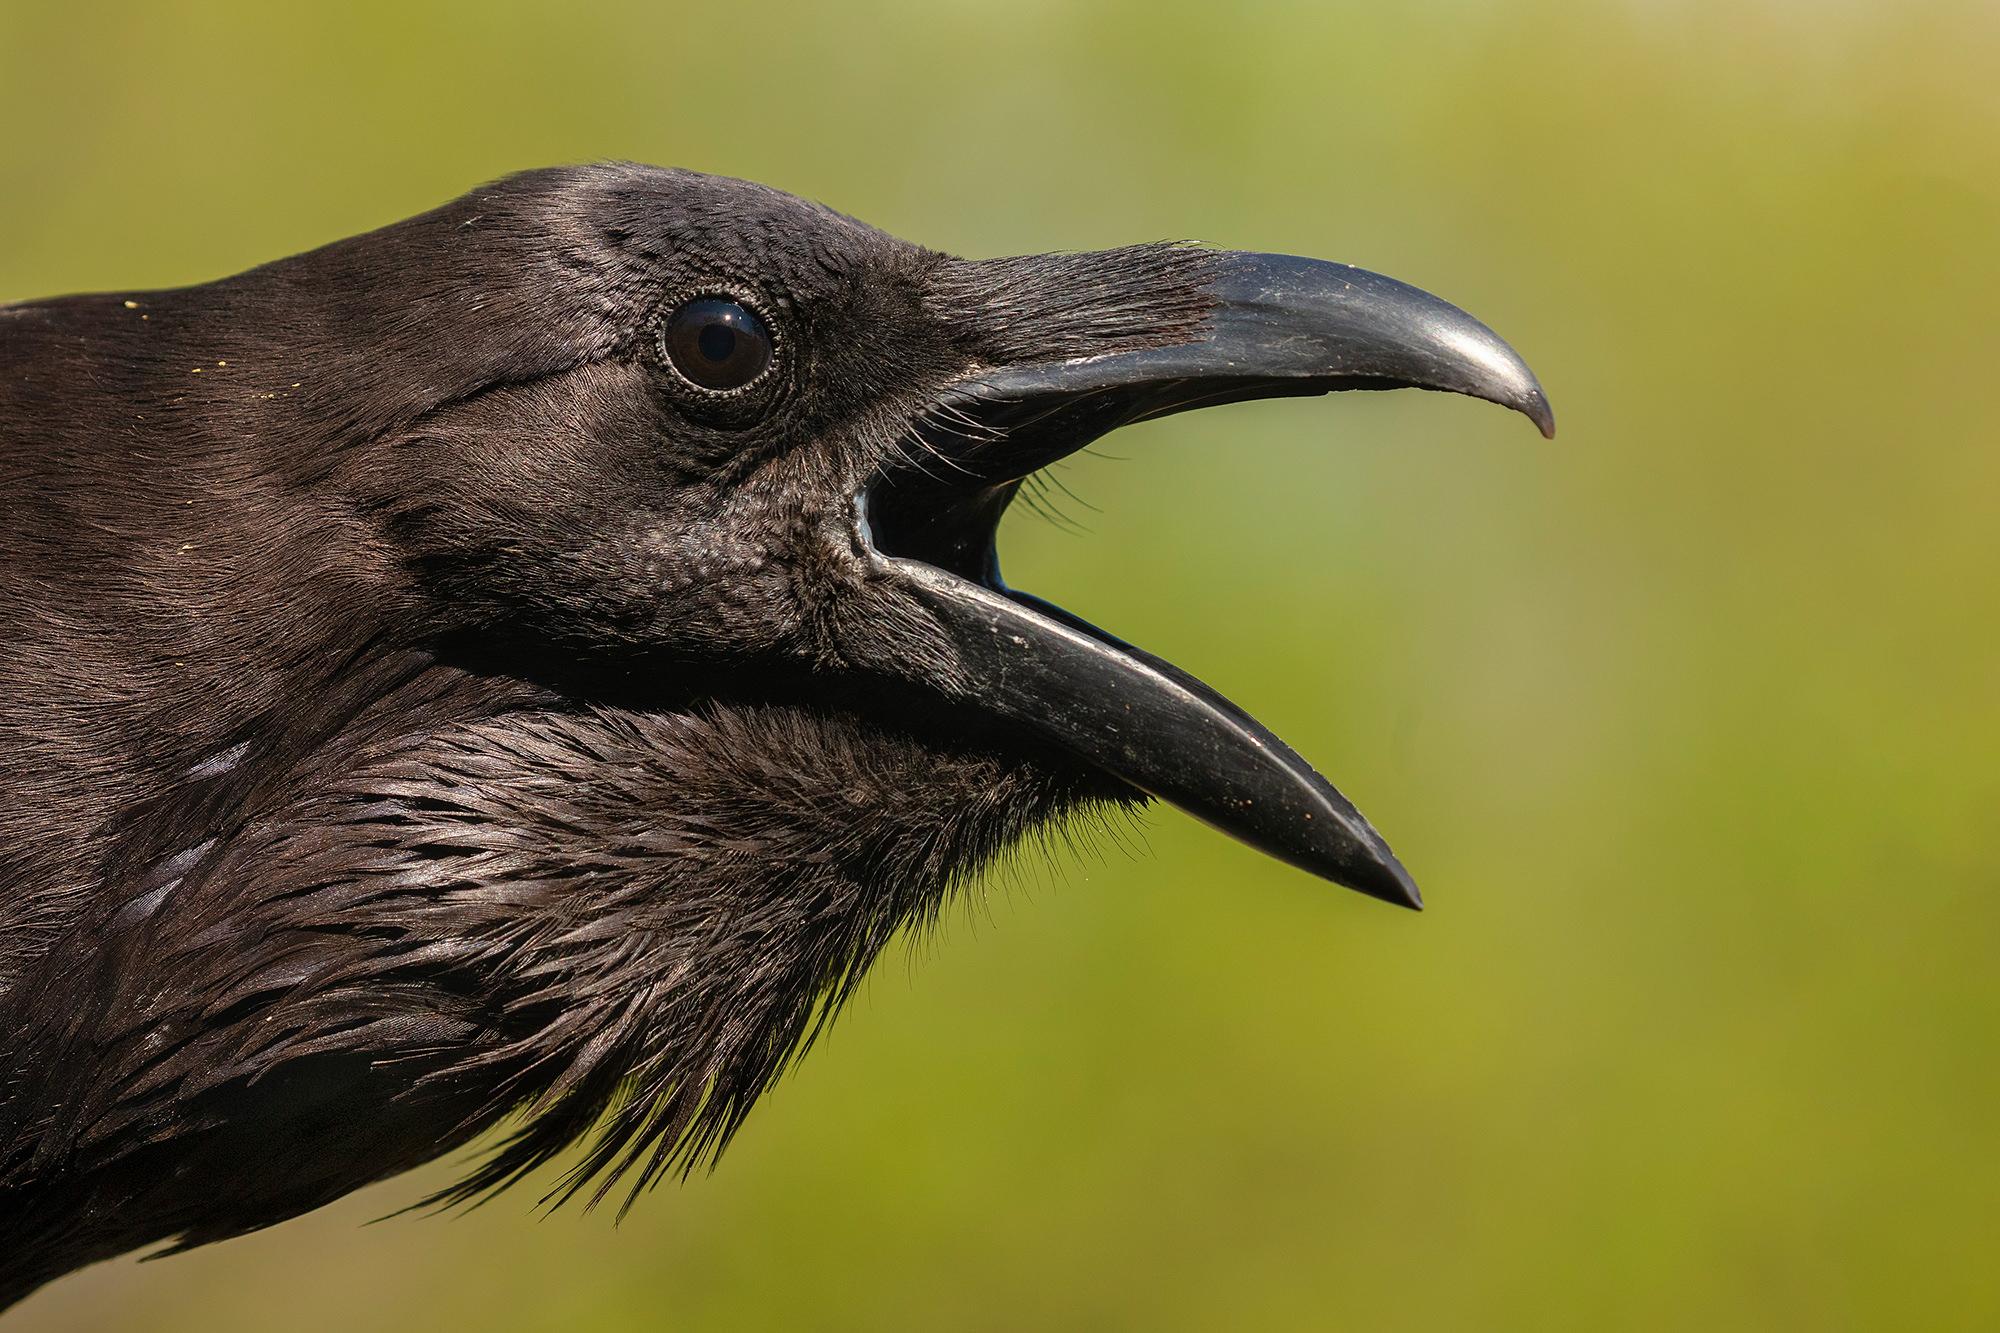 Holló, Raven, Kolkrabe, Corvus corax